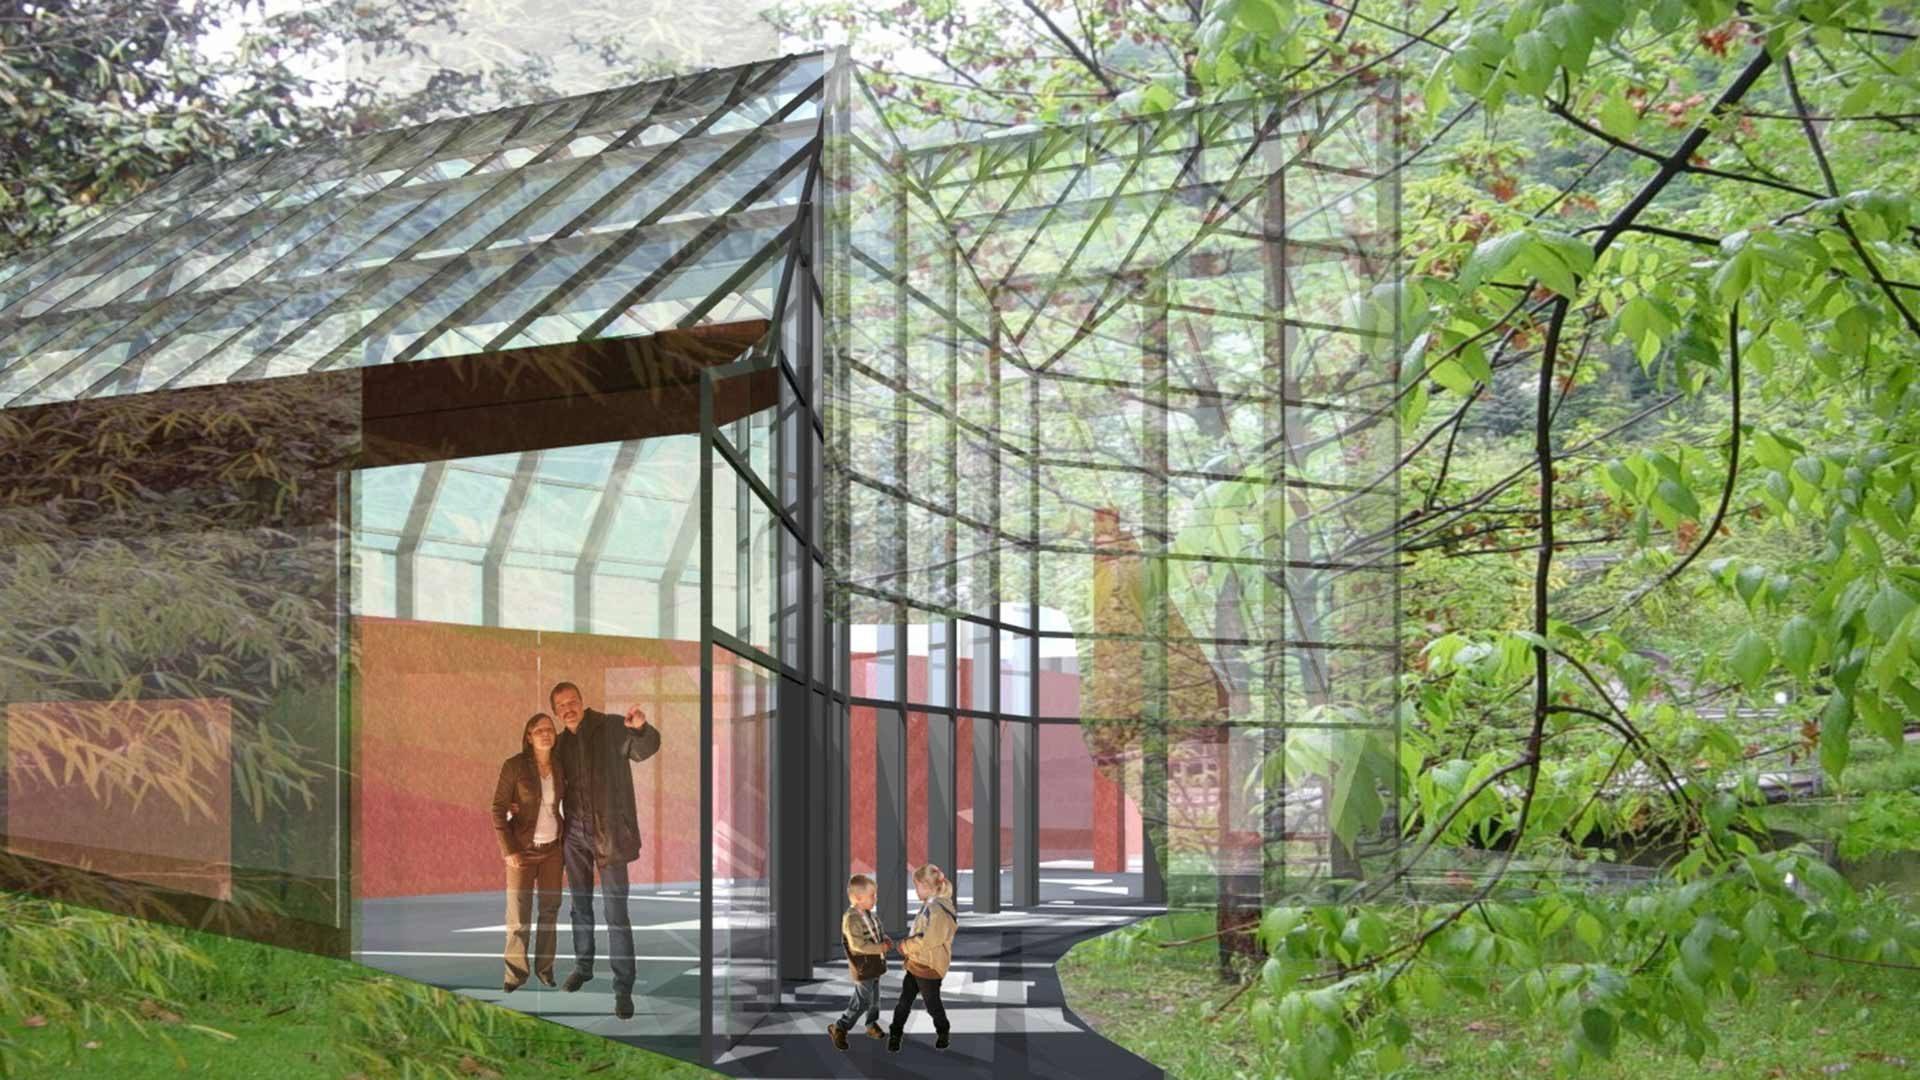 Gärten von Schloss Trauttmansdorff - Das Glashaus